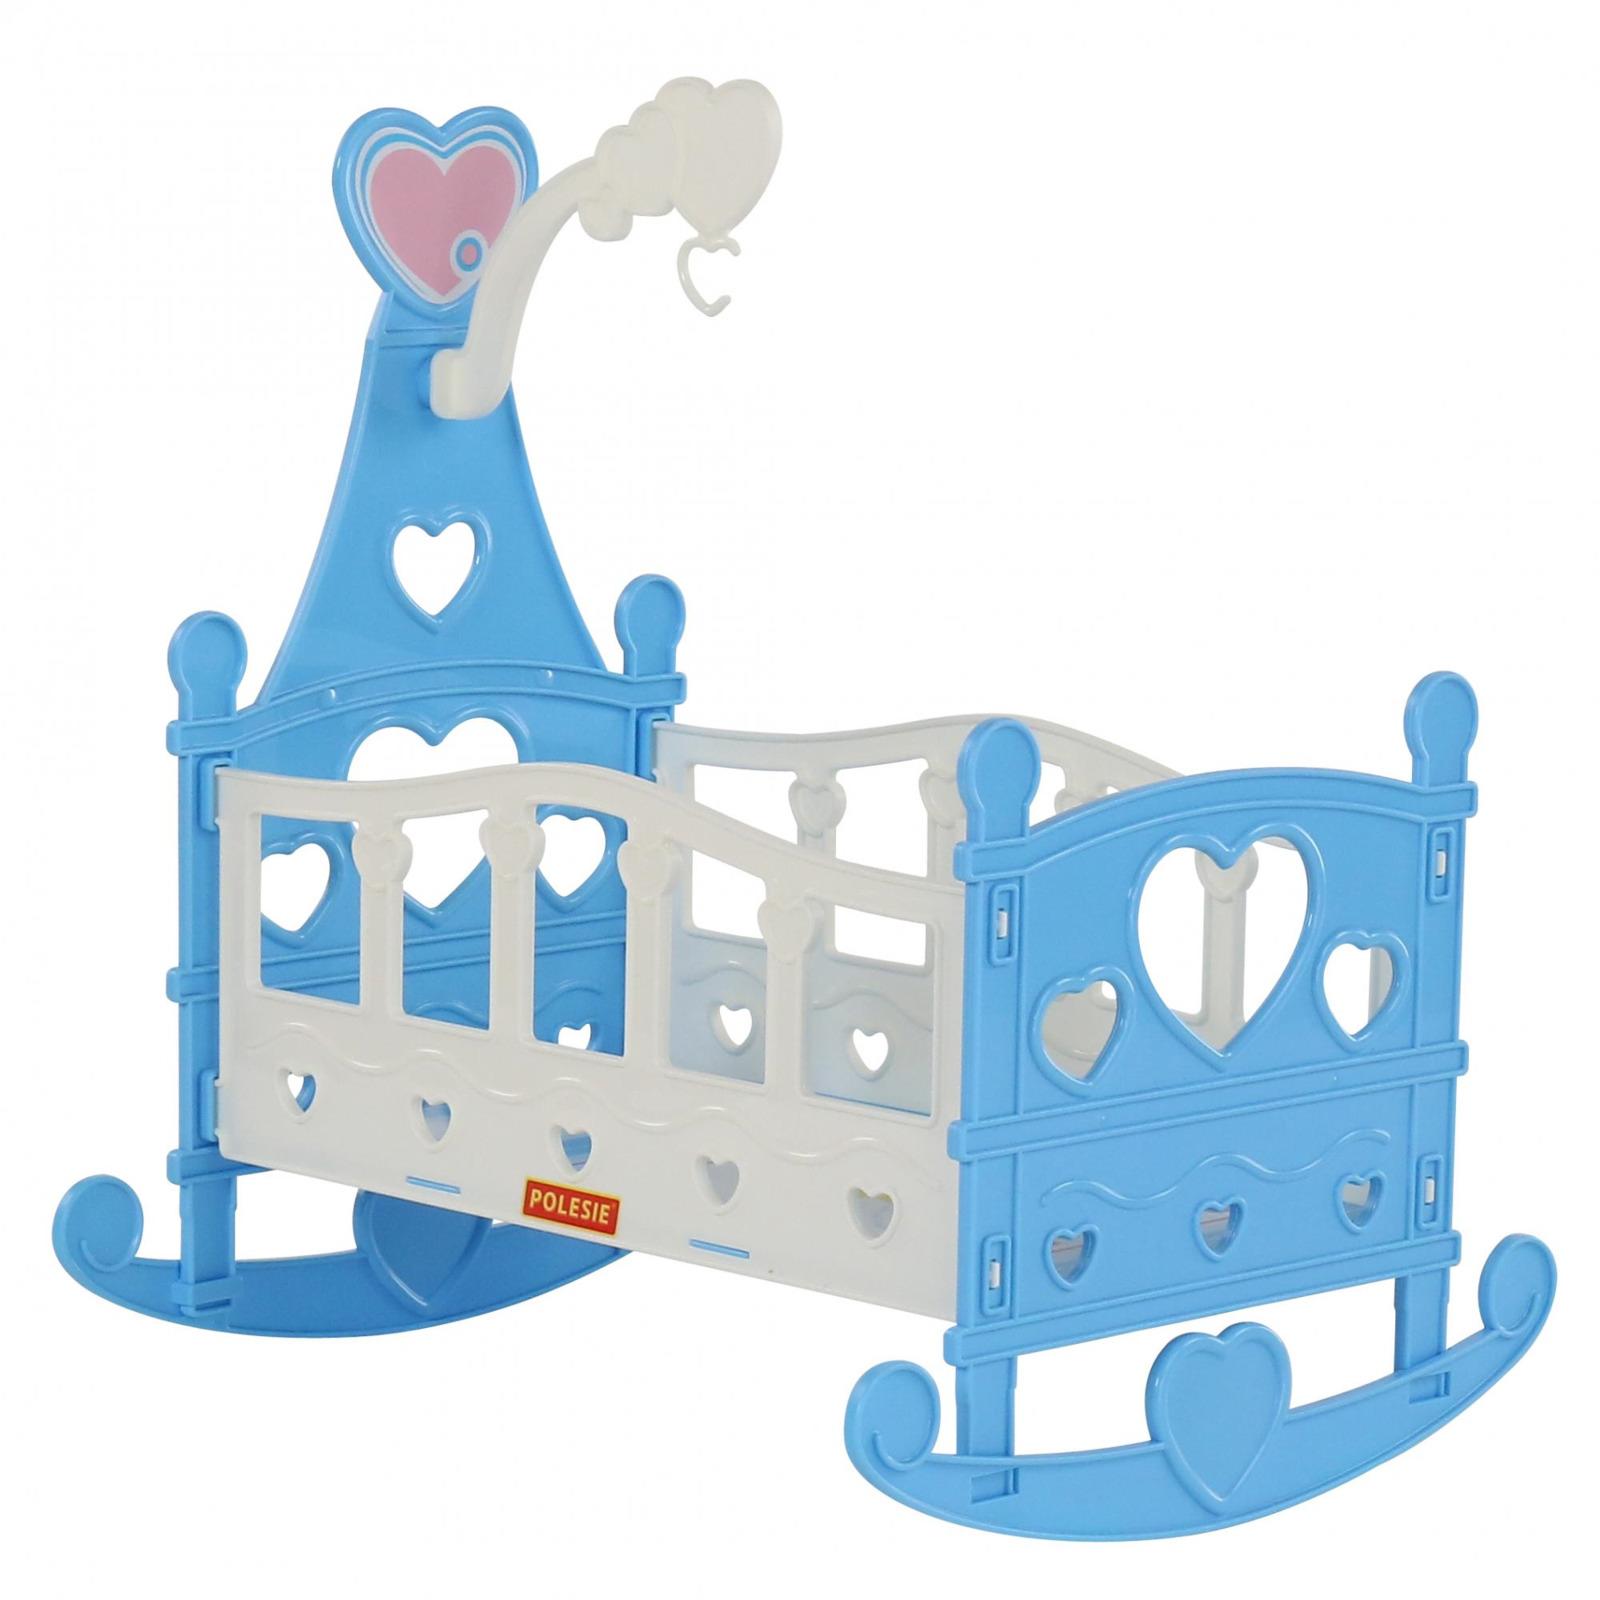 Кроватка-качалка сборная для кукол Полесье №3, 8 элементов, цвет в ассортименте кроватка качалка для кукол полесье кроватка качалка сборная для кукол 2